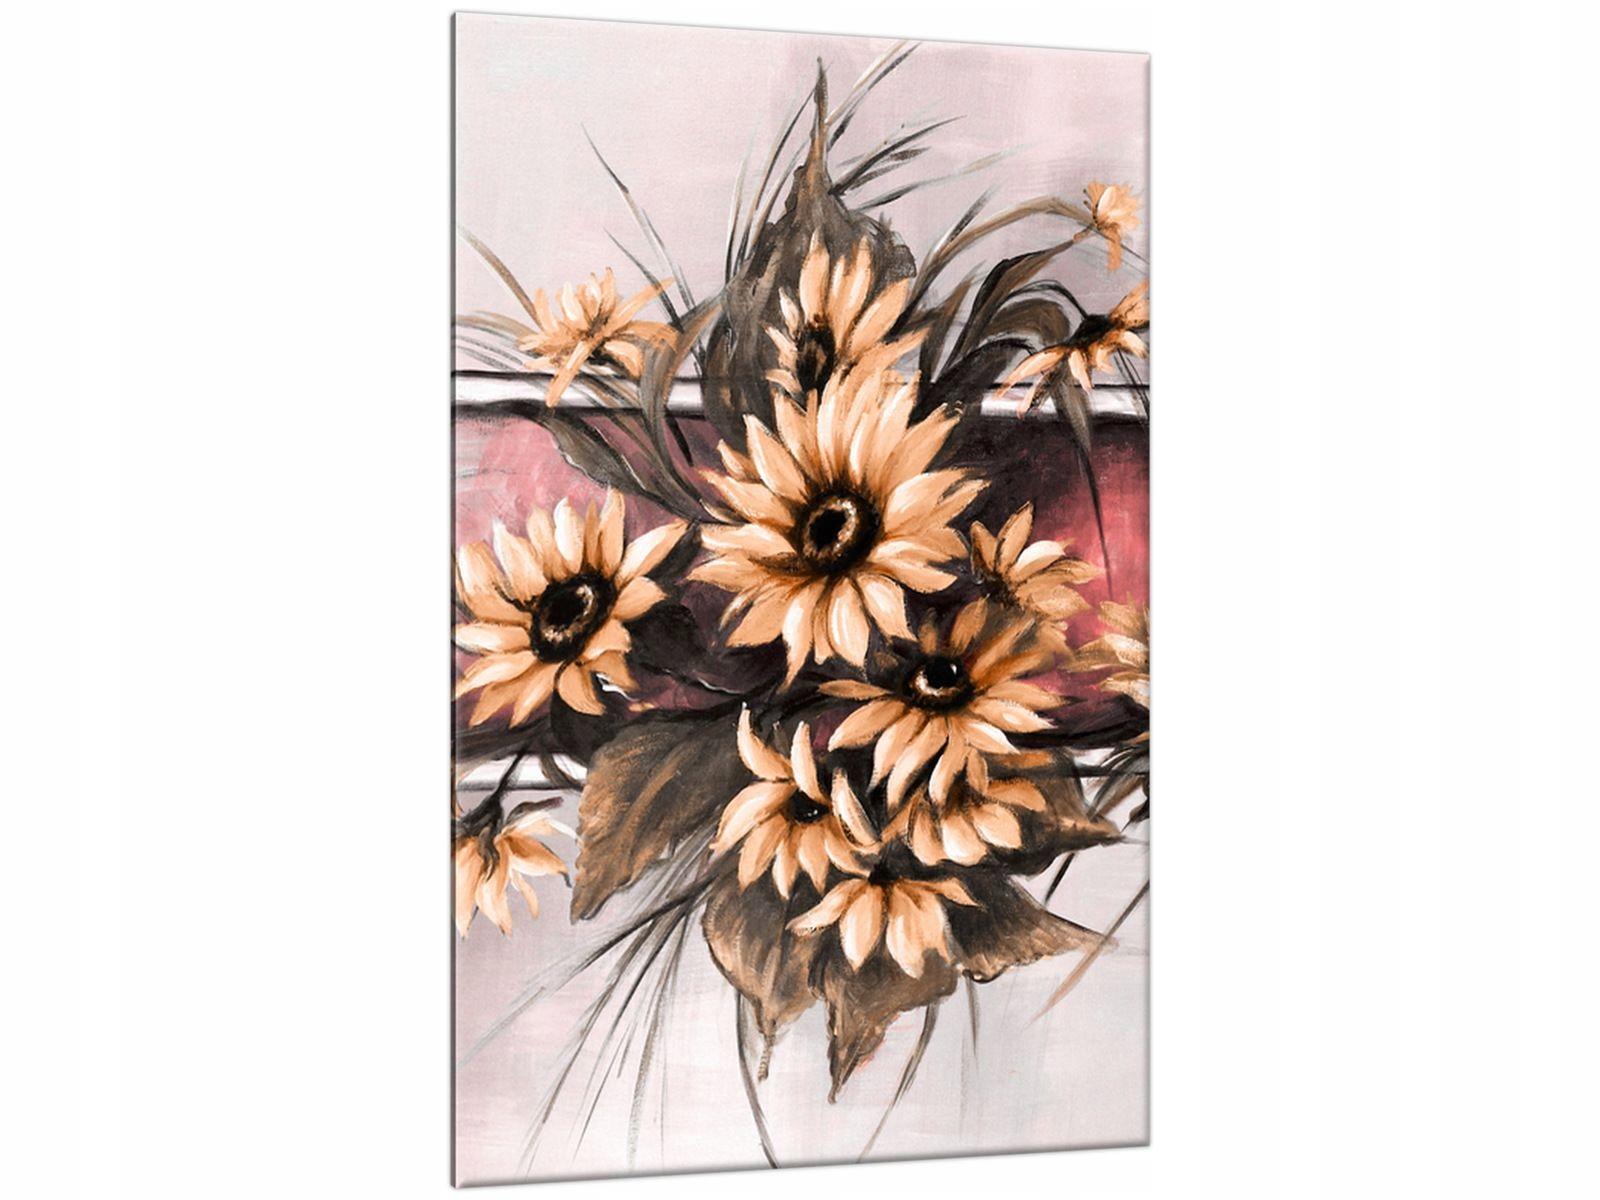 Obraz na Ścianę80x120 Słoneczniki w pudrowym rózu